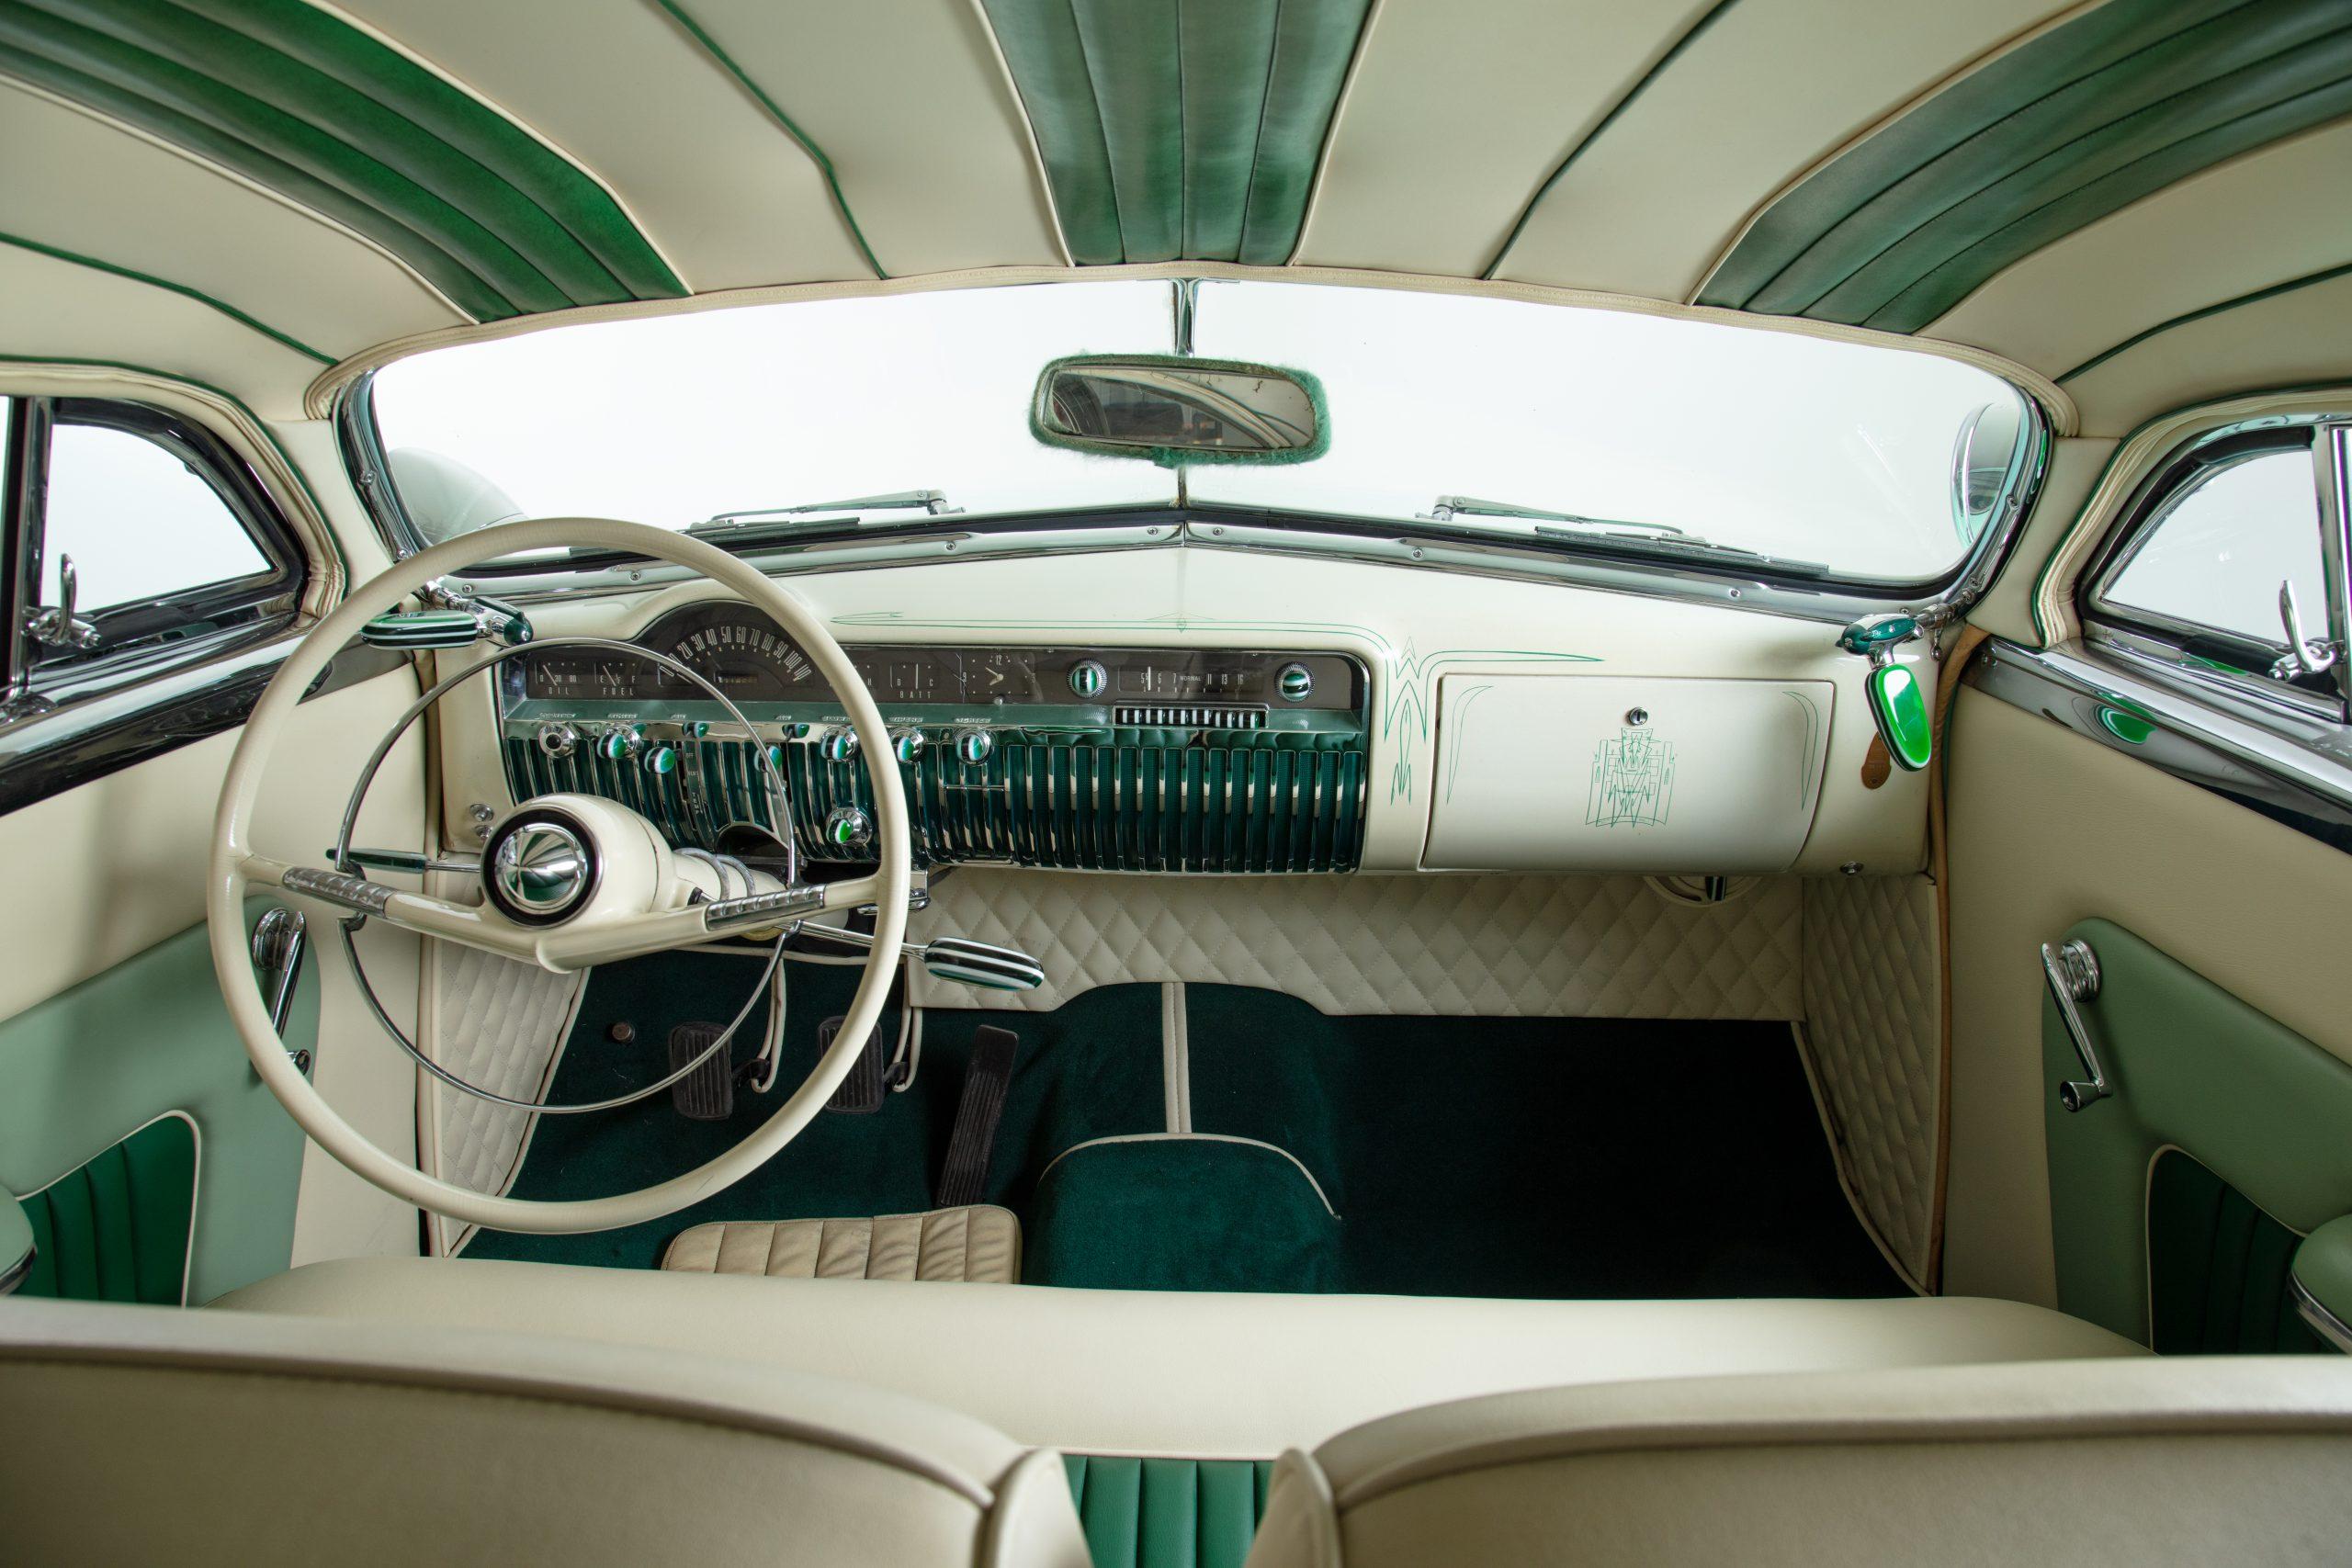 HVA Hirohata Mercury Interior from rear